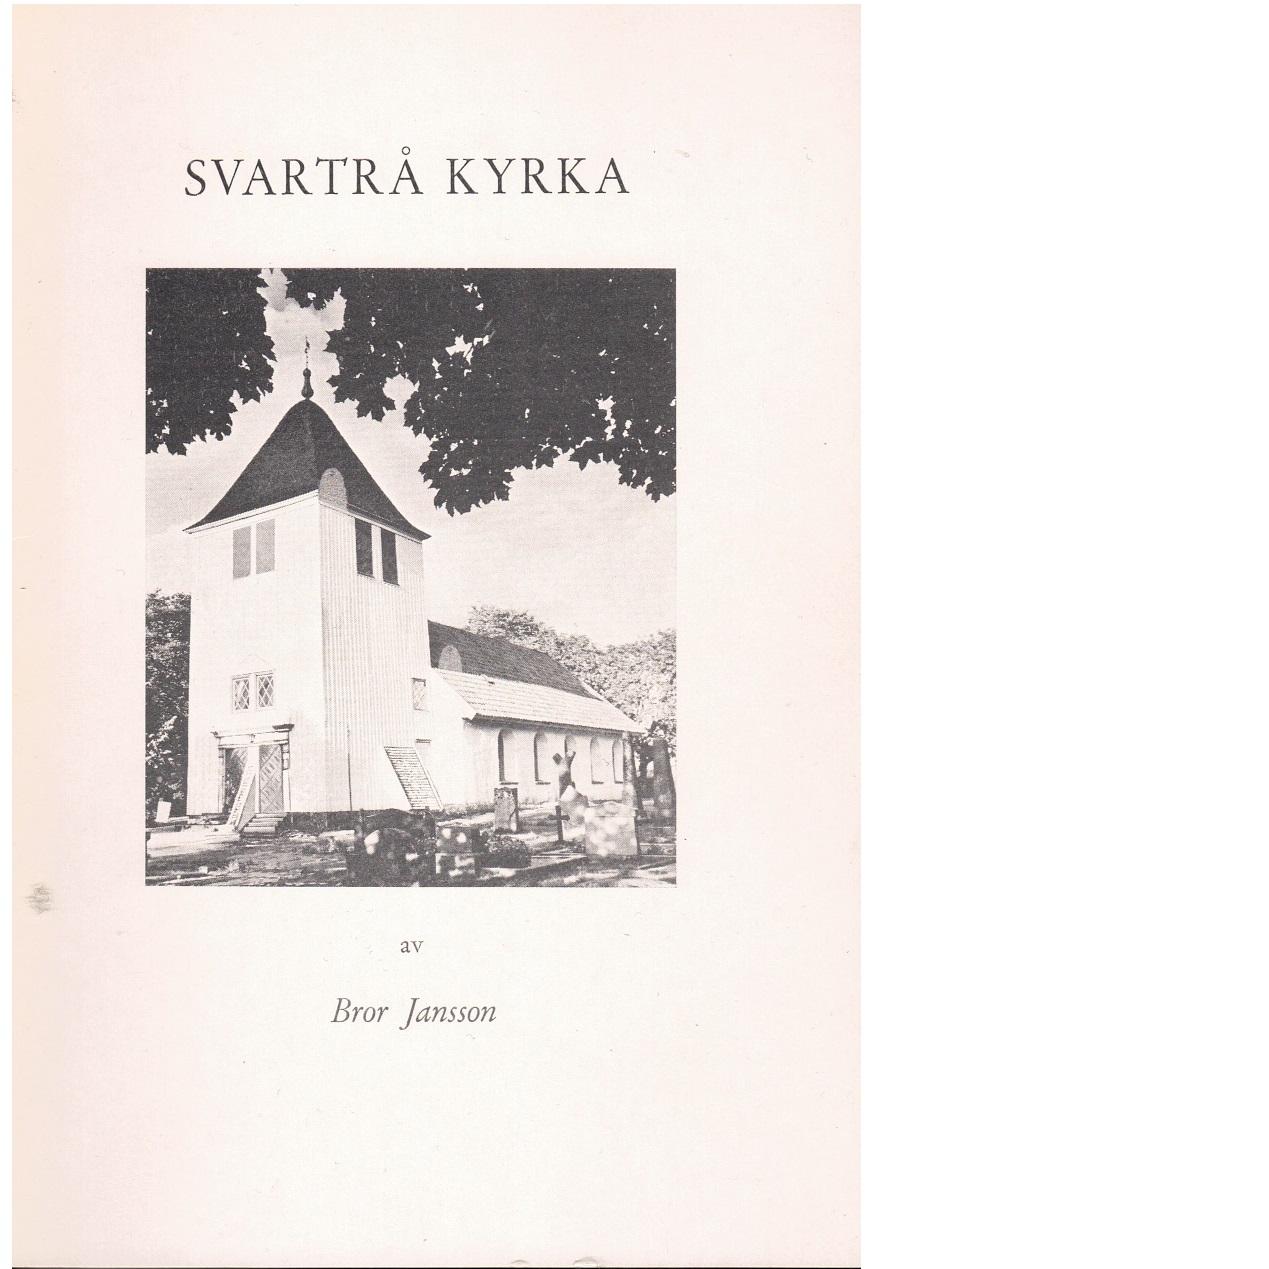 Svartrå kyrka - Jansson, Bror